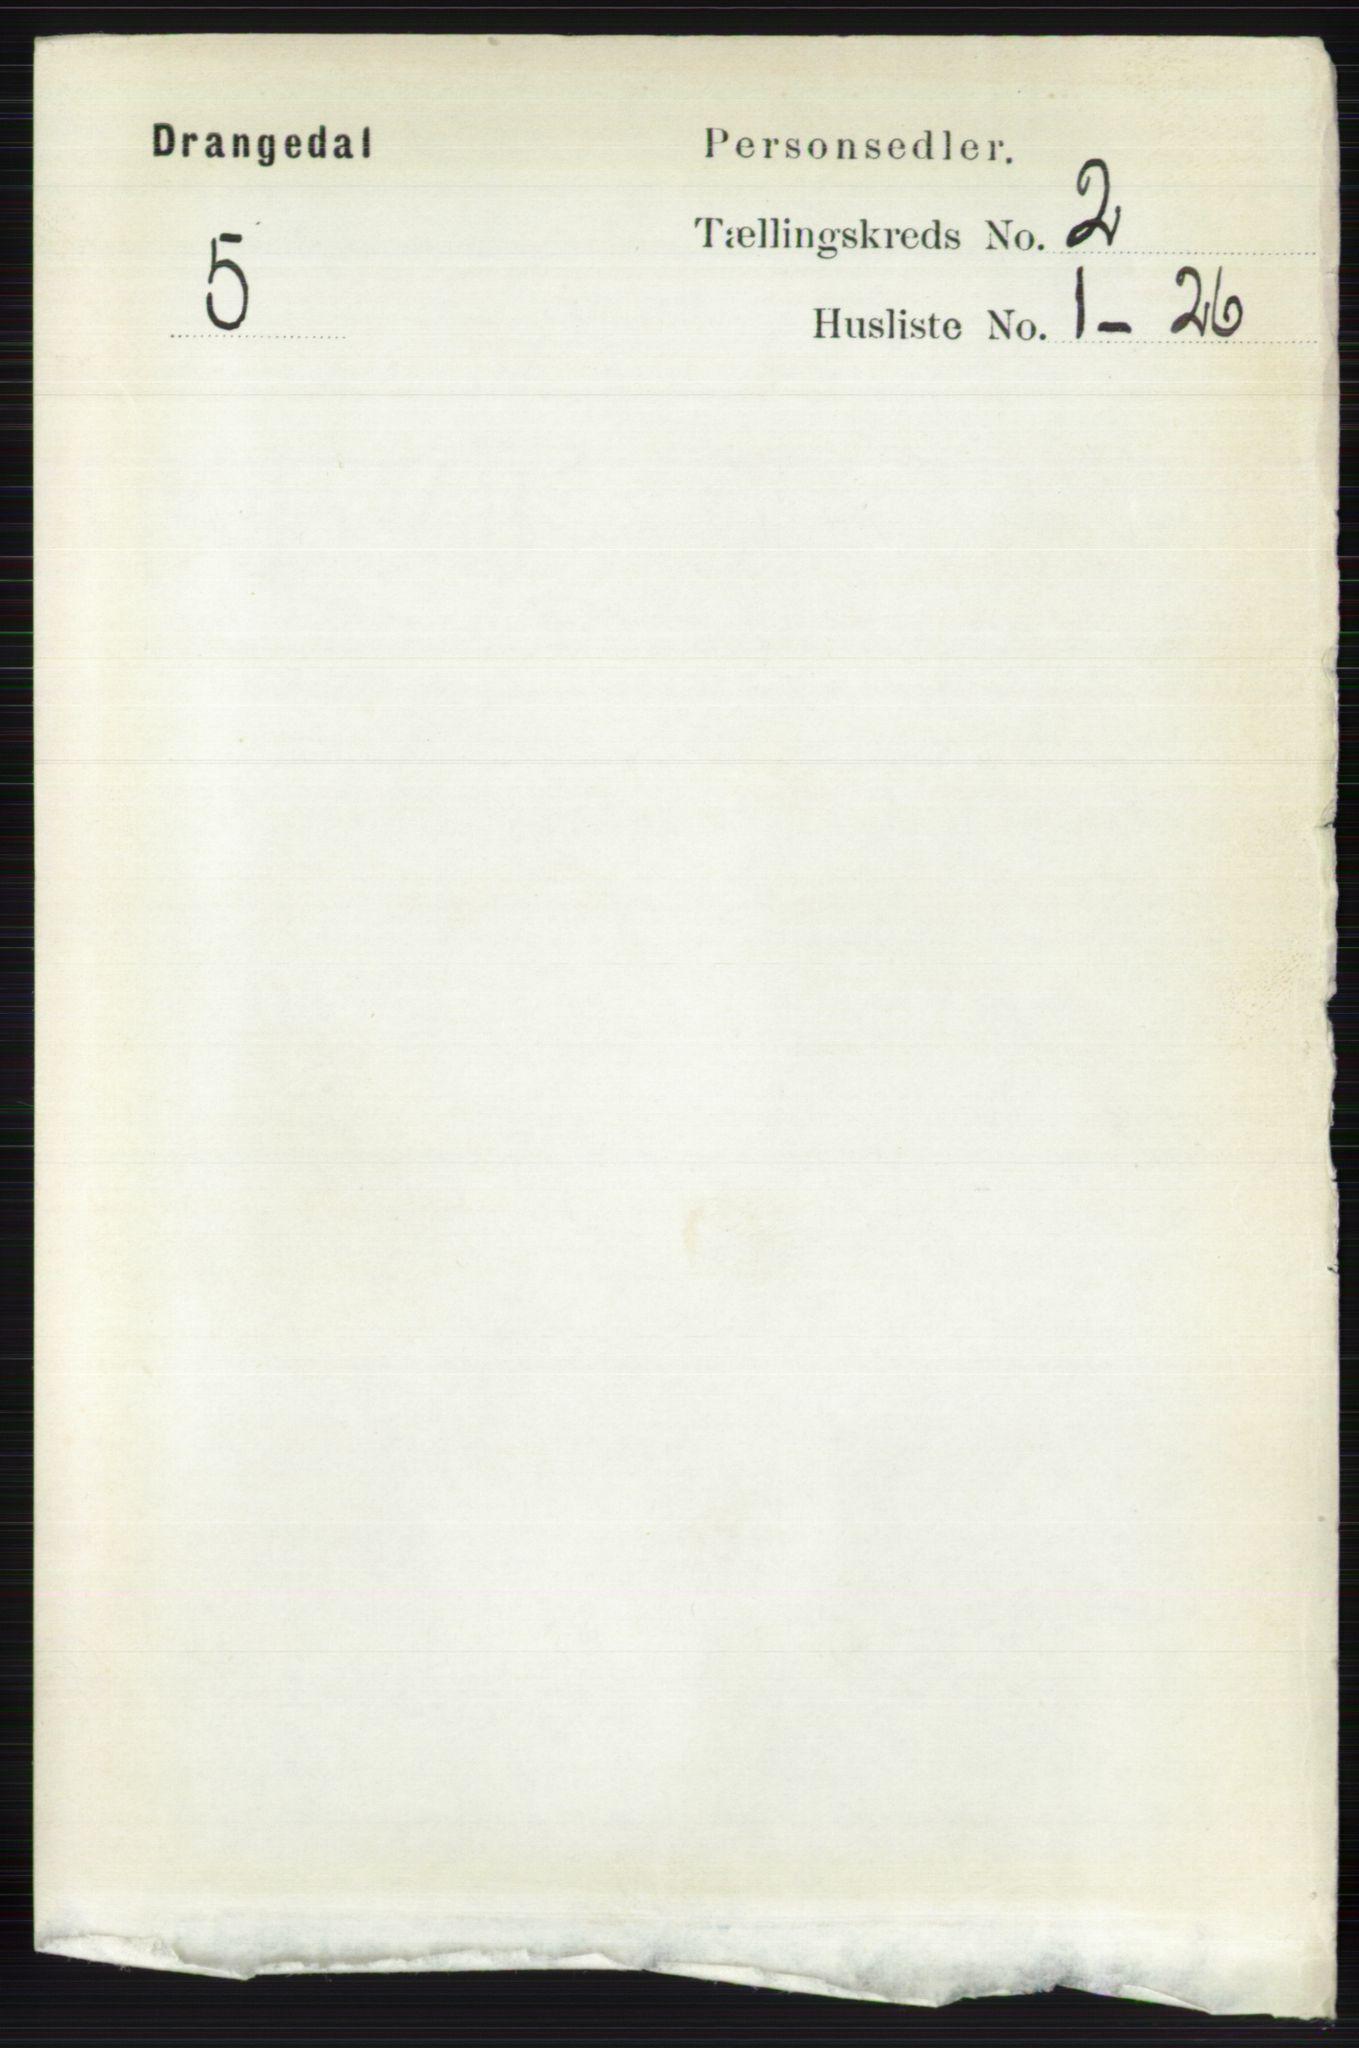 RA, Folketelling 1891 for 0817 Drangedal herred, 1891, s. 474